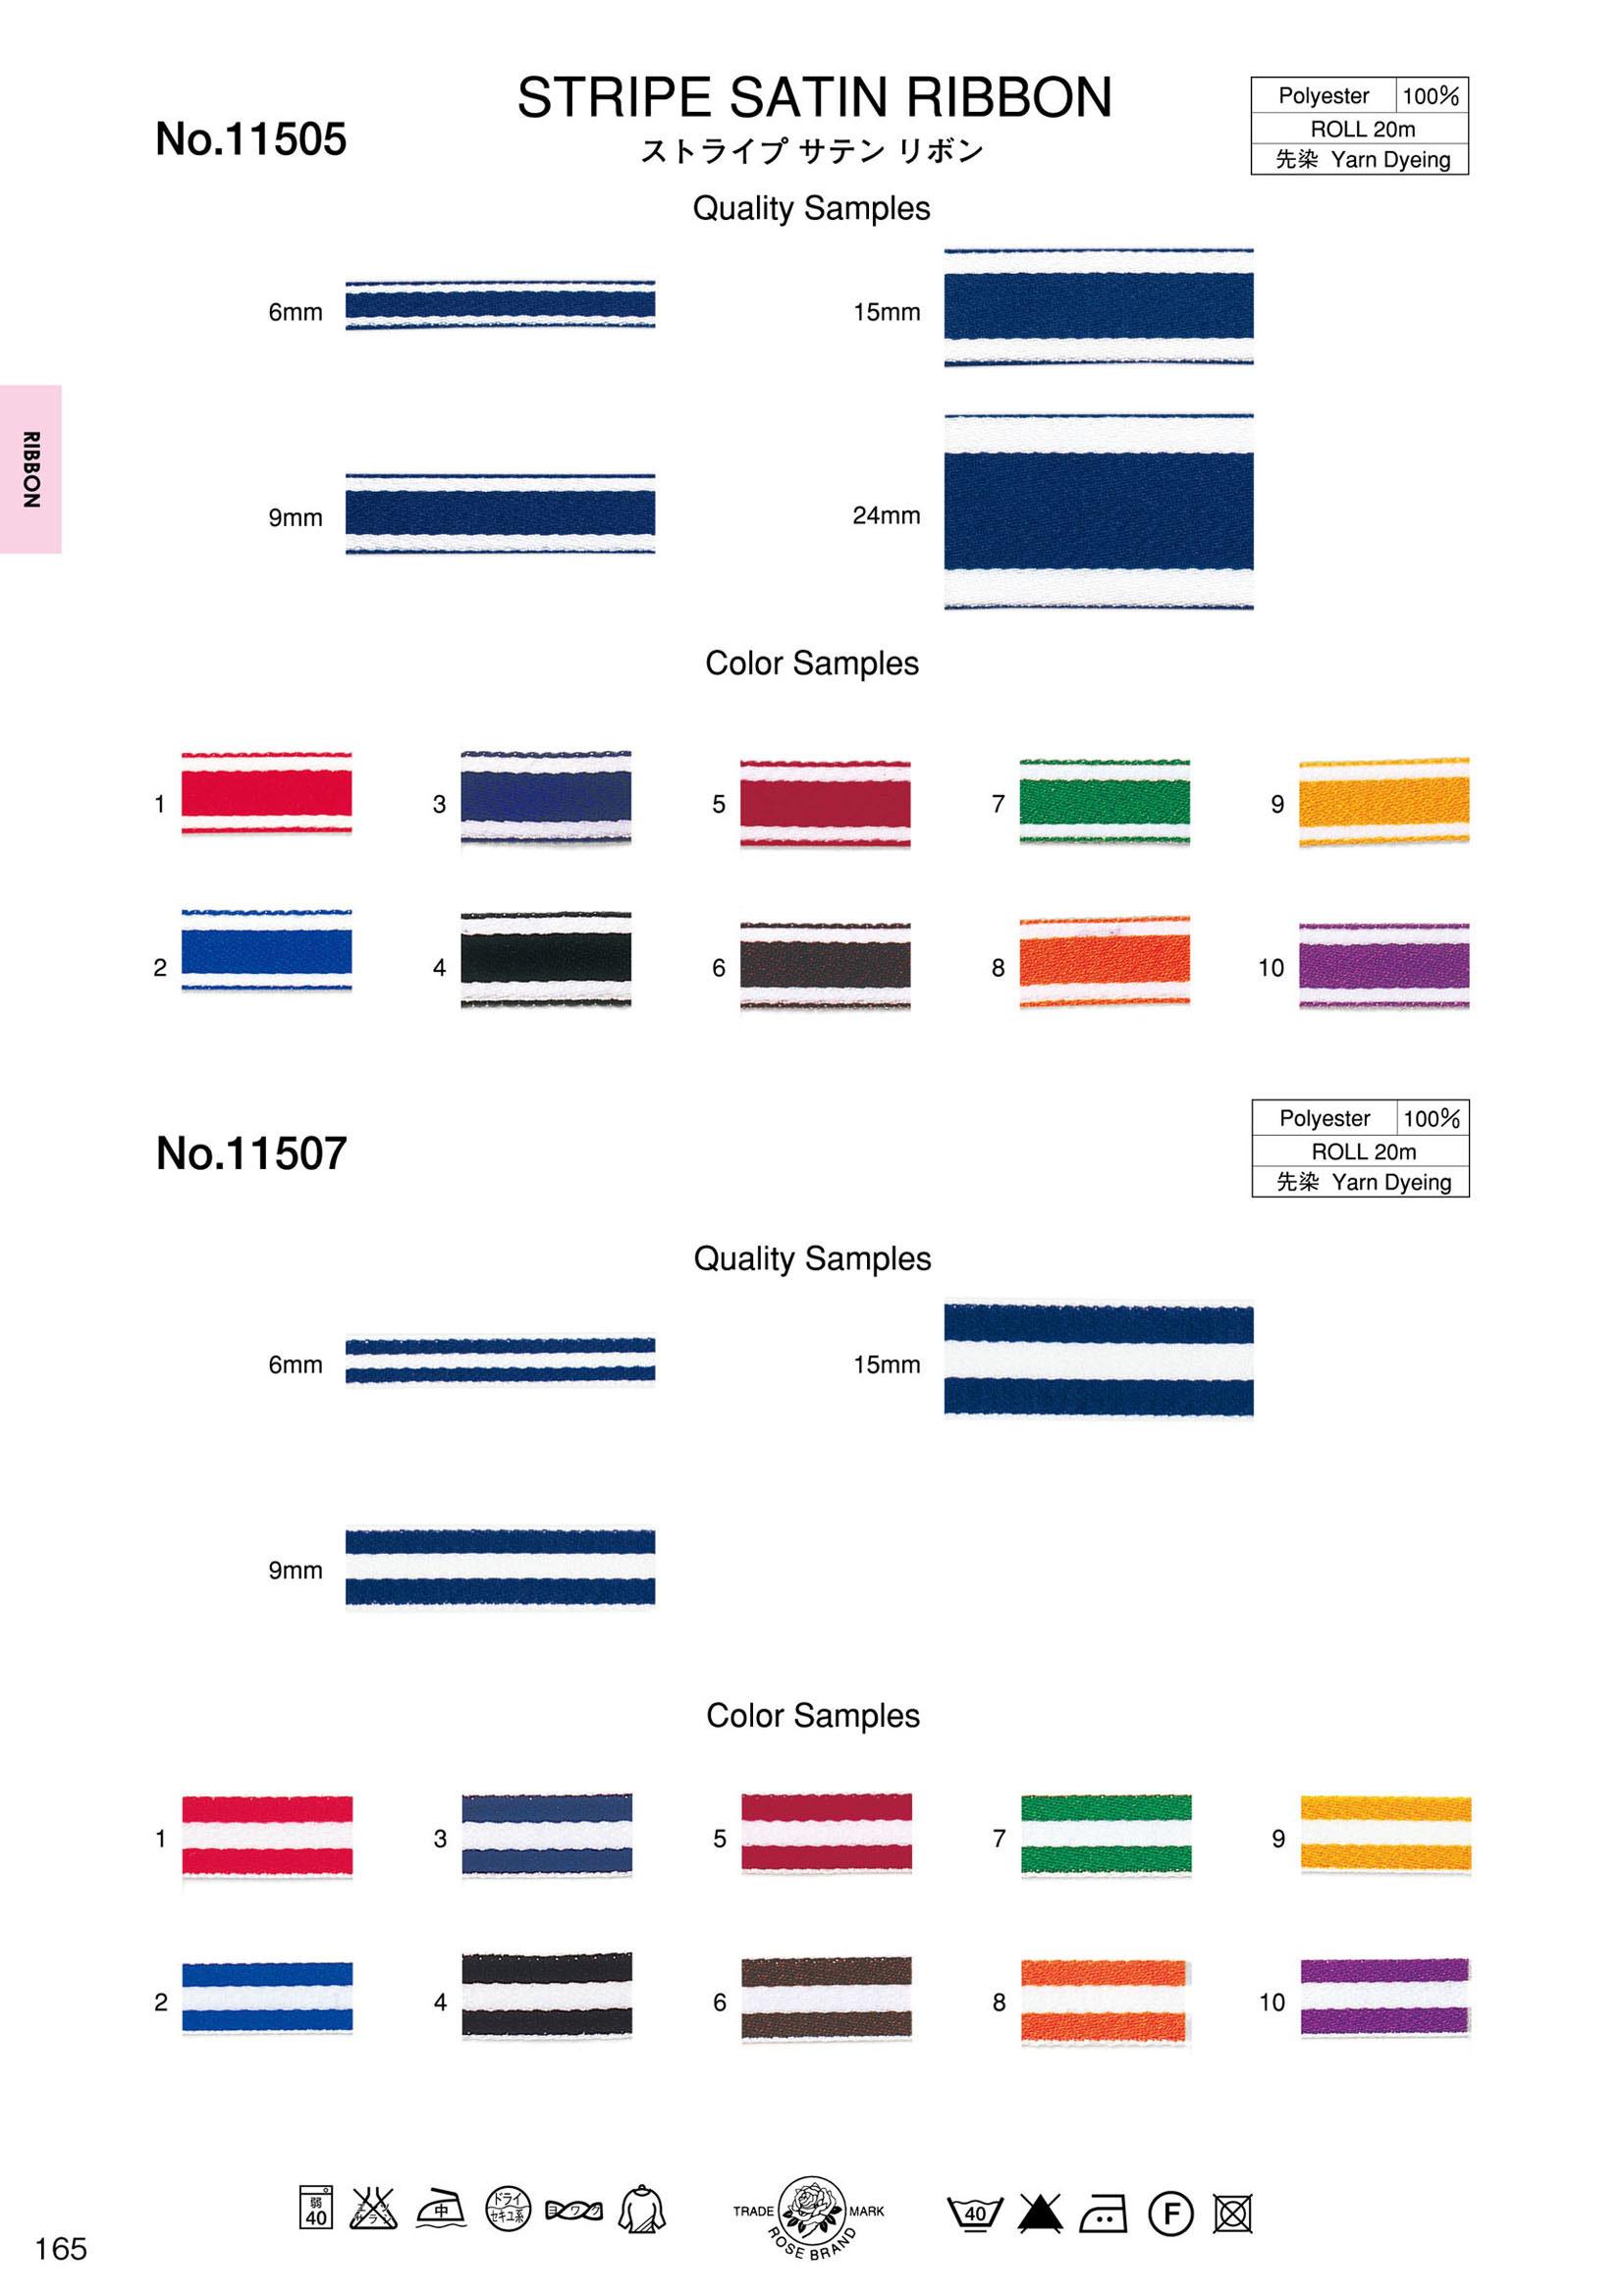 11505 ストライプ サテン リボン[リボン・テープ・コード] ROSE BRAND(丸進)/オークラ商事 - ApparelX アパレル資材卸通販